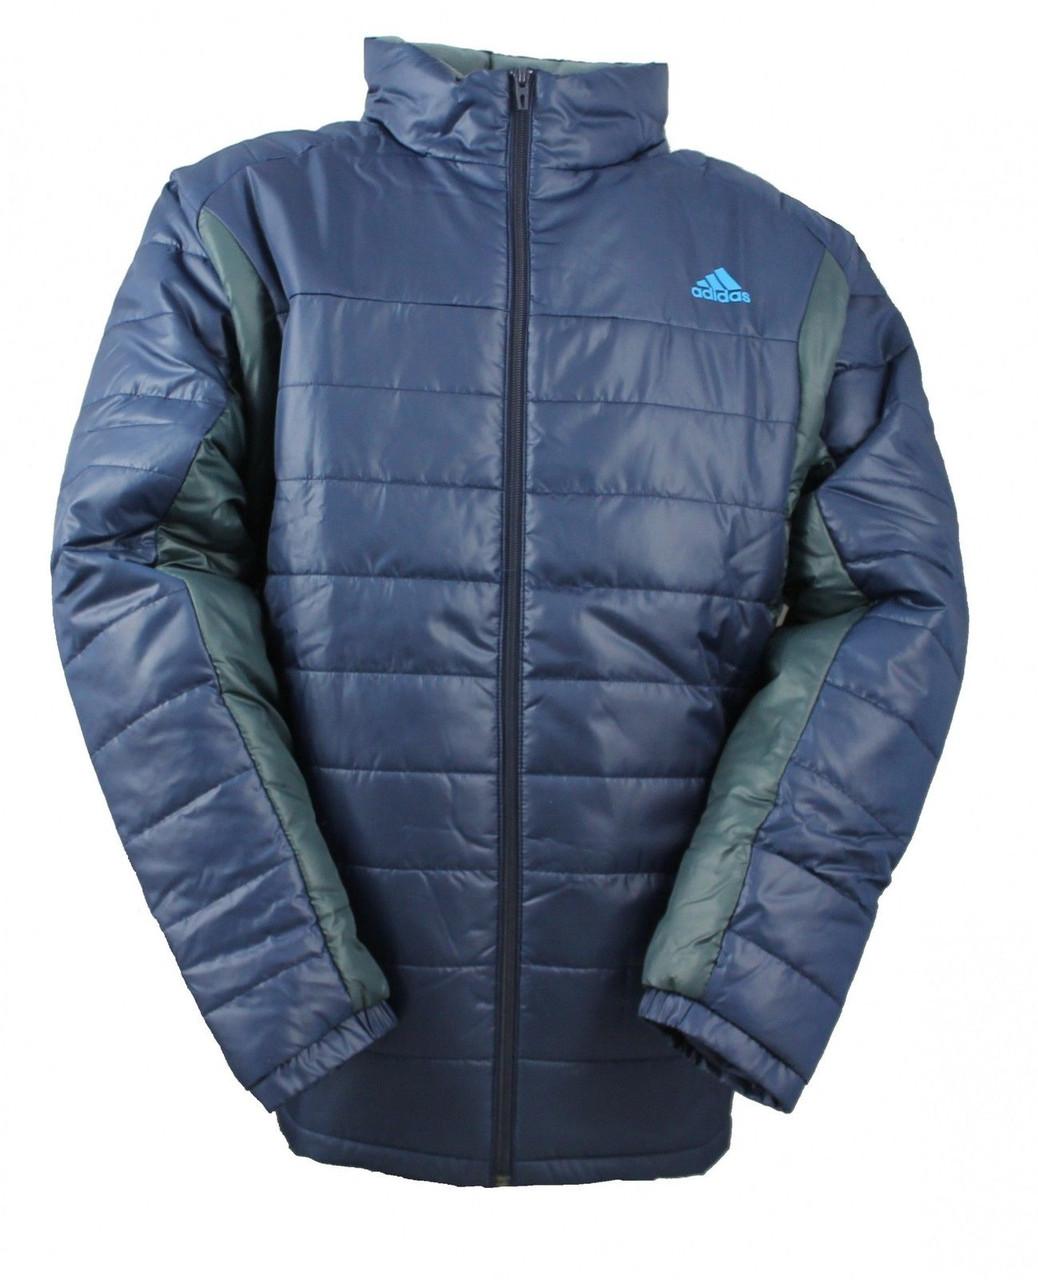 Куртка непромокаемая спортивная мужская adidas Men's Padded Jacket M68416 адидас